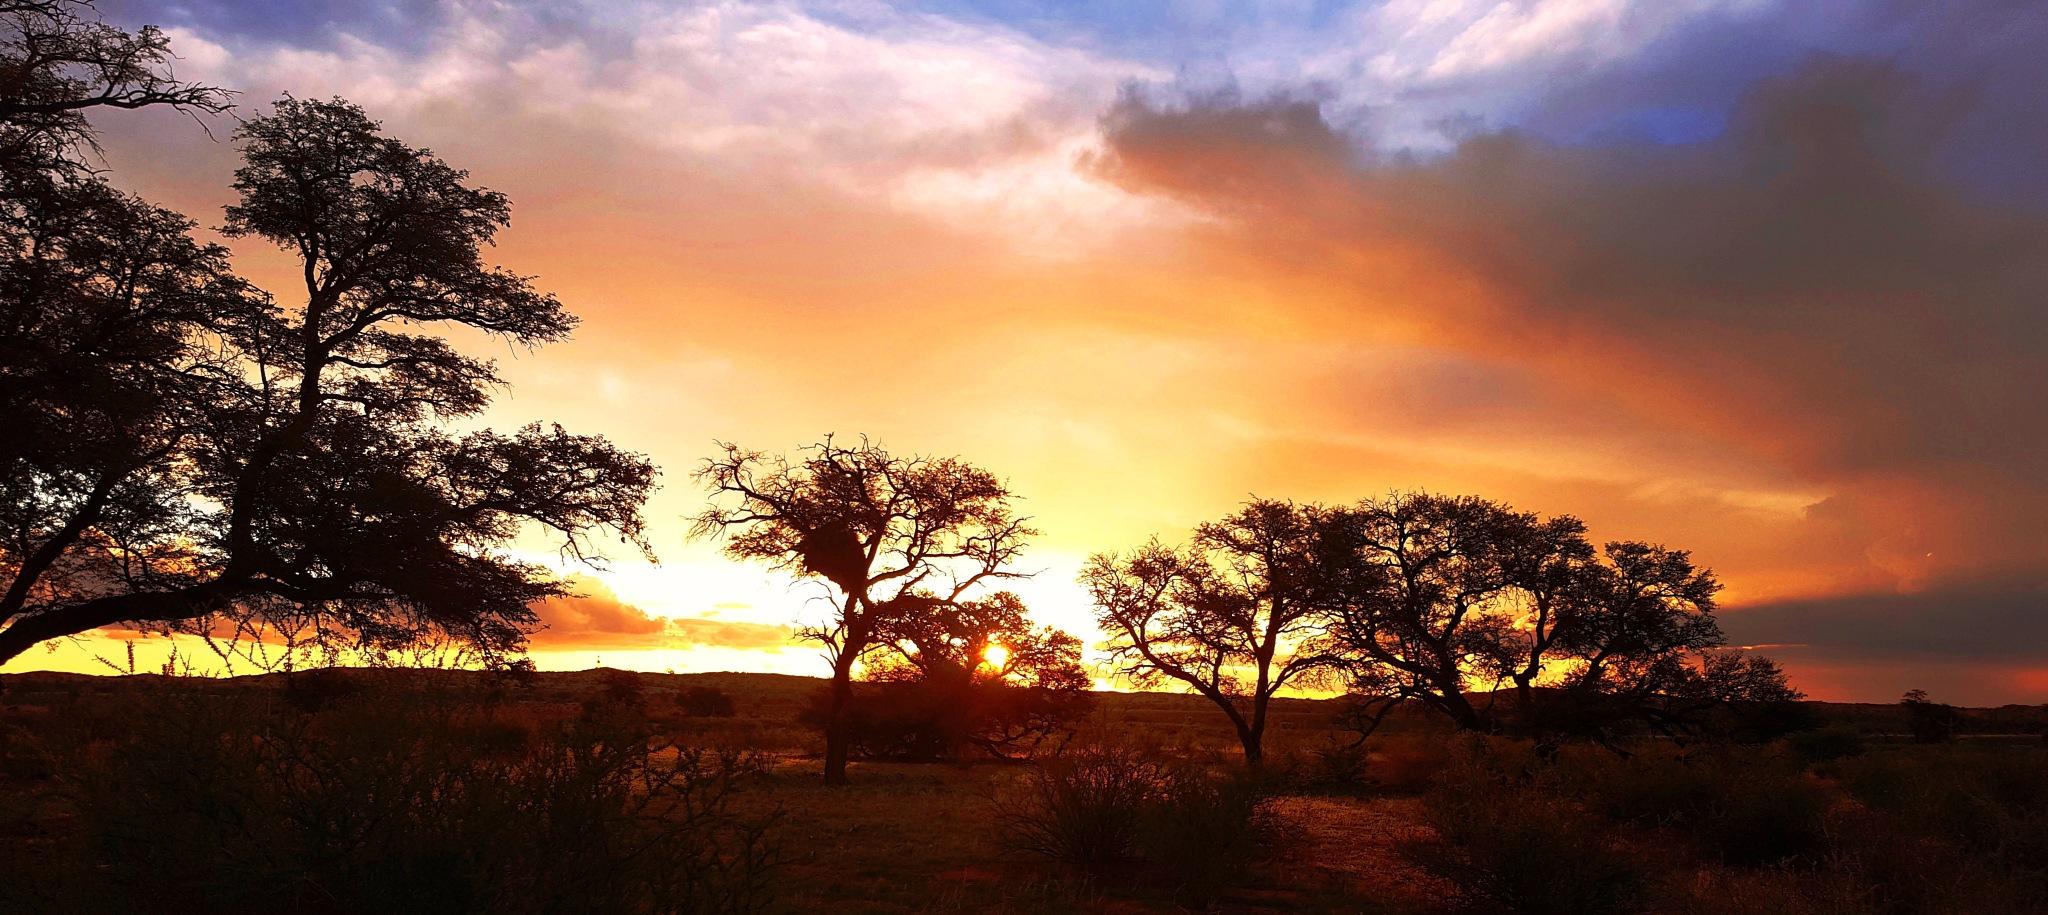 Kalahari Sunset by Pieter J de Villiers